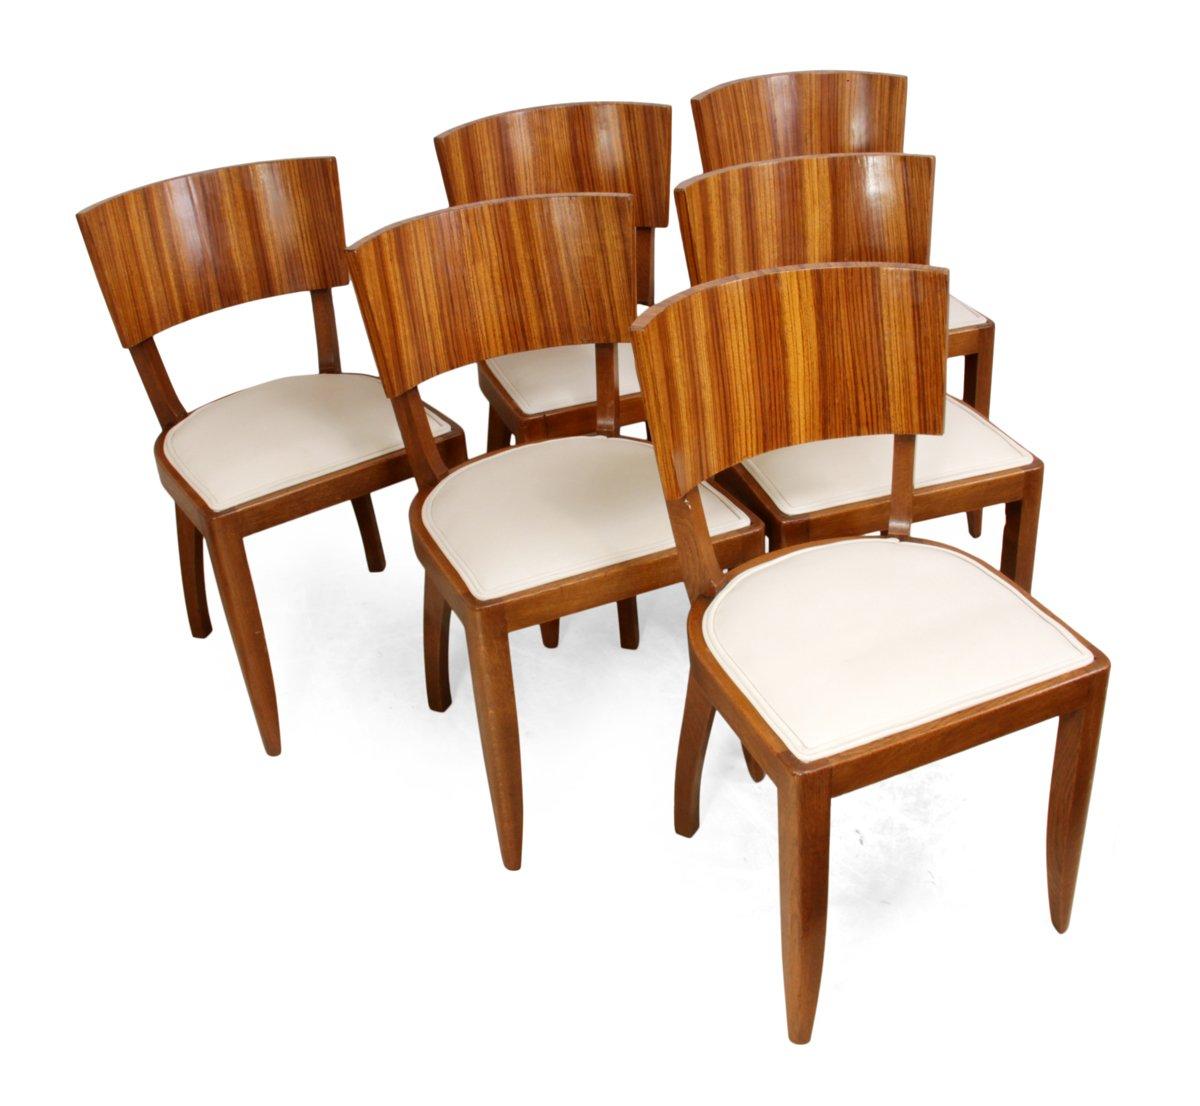 art deco esszimmerst hle 1930er 6er set bei pamono kaufen. Black Bedroom Furniture Sets. Home Design Ideas